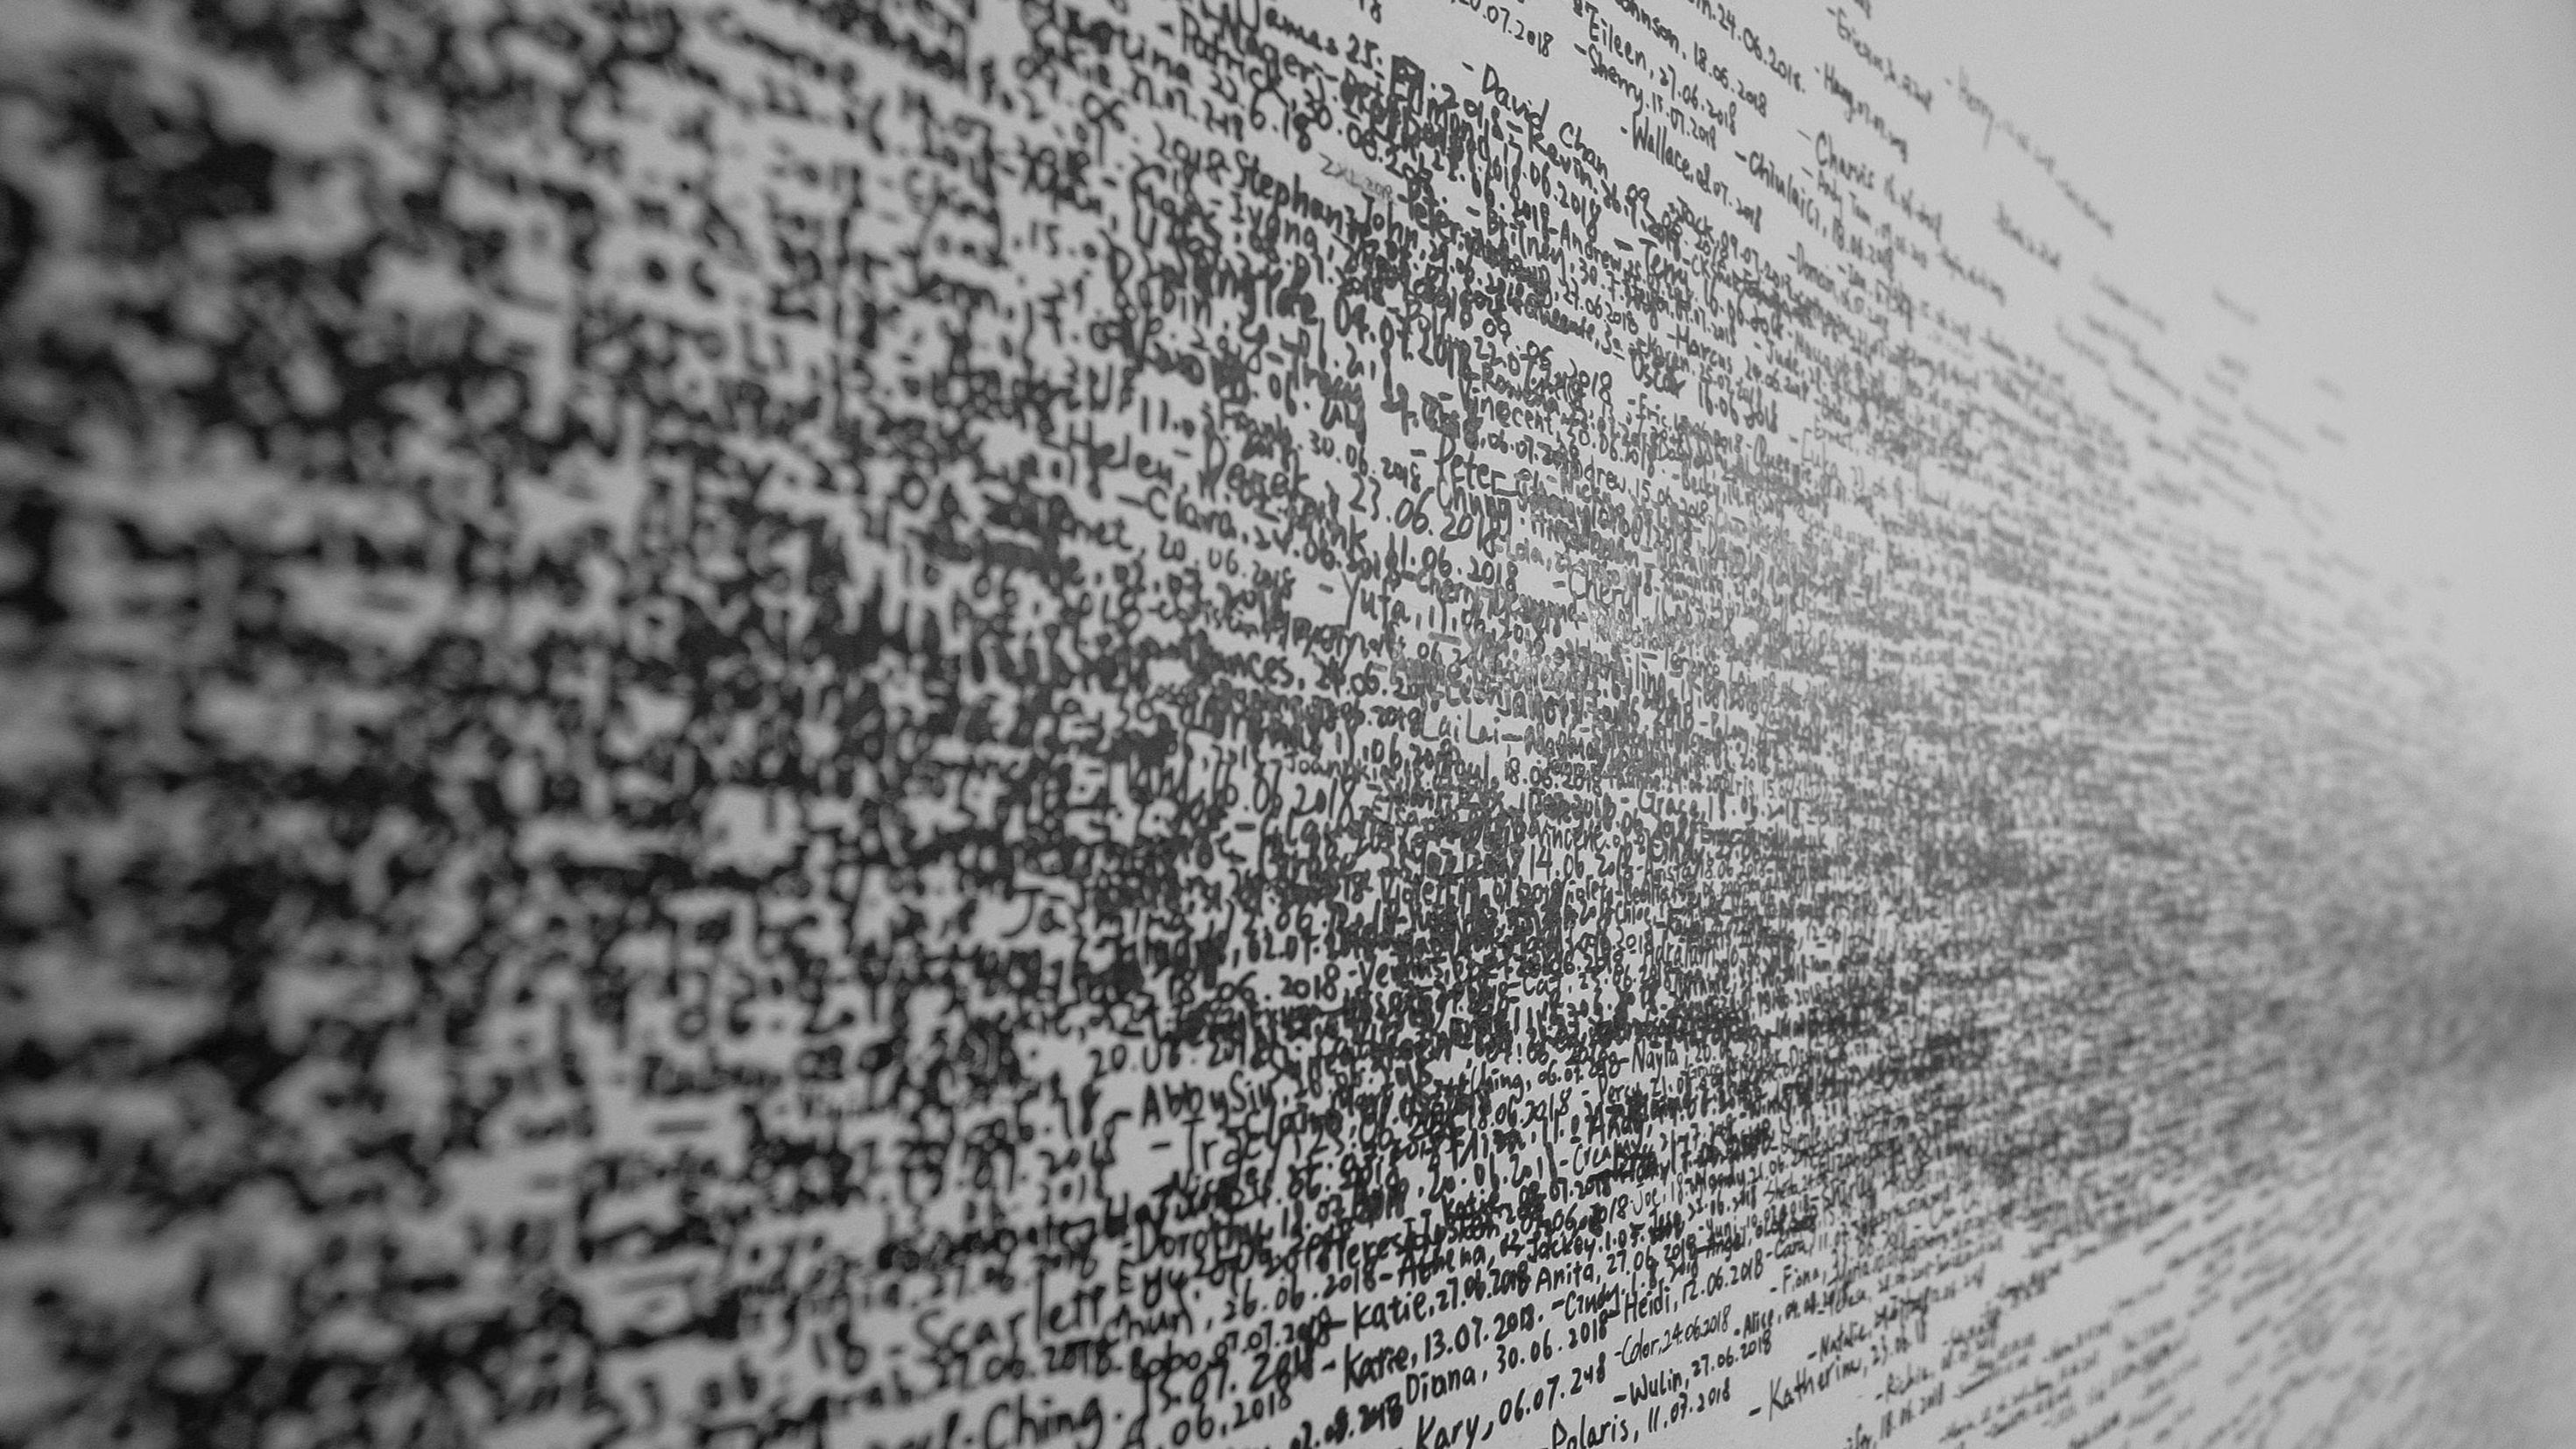 AIはまだ自然言語を理解できていない、AI2が新評価テストを提案